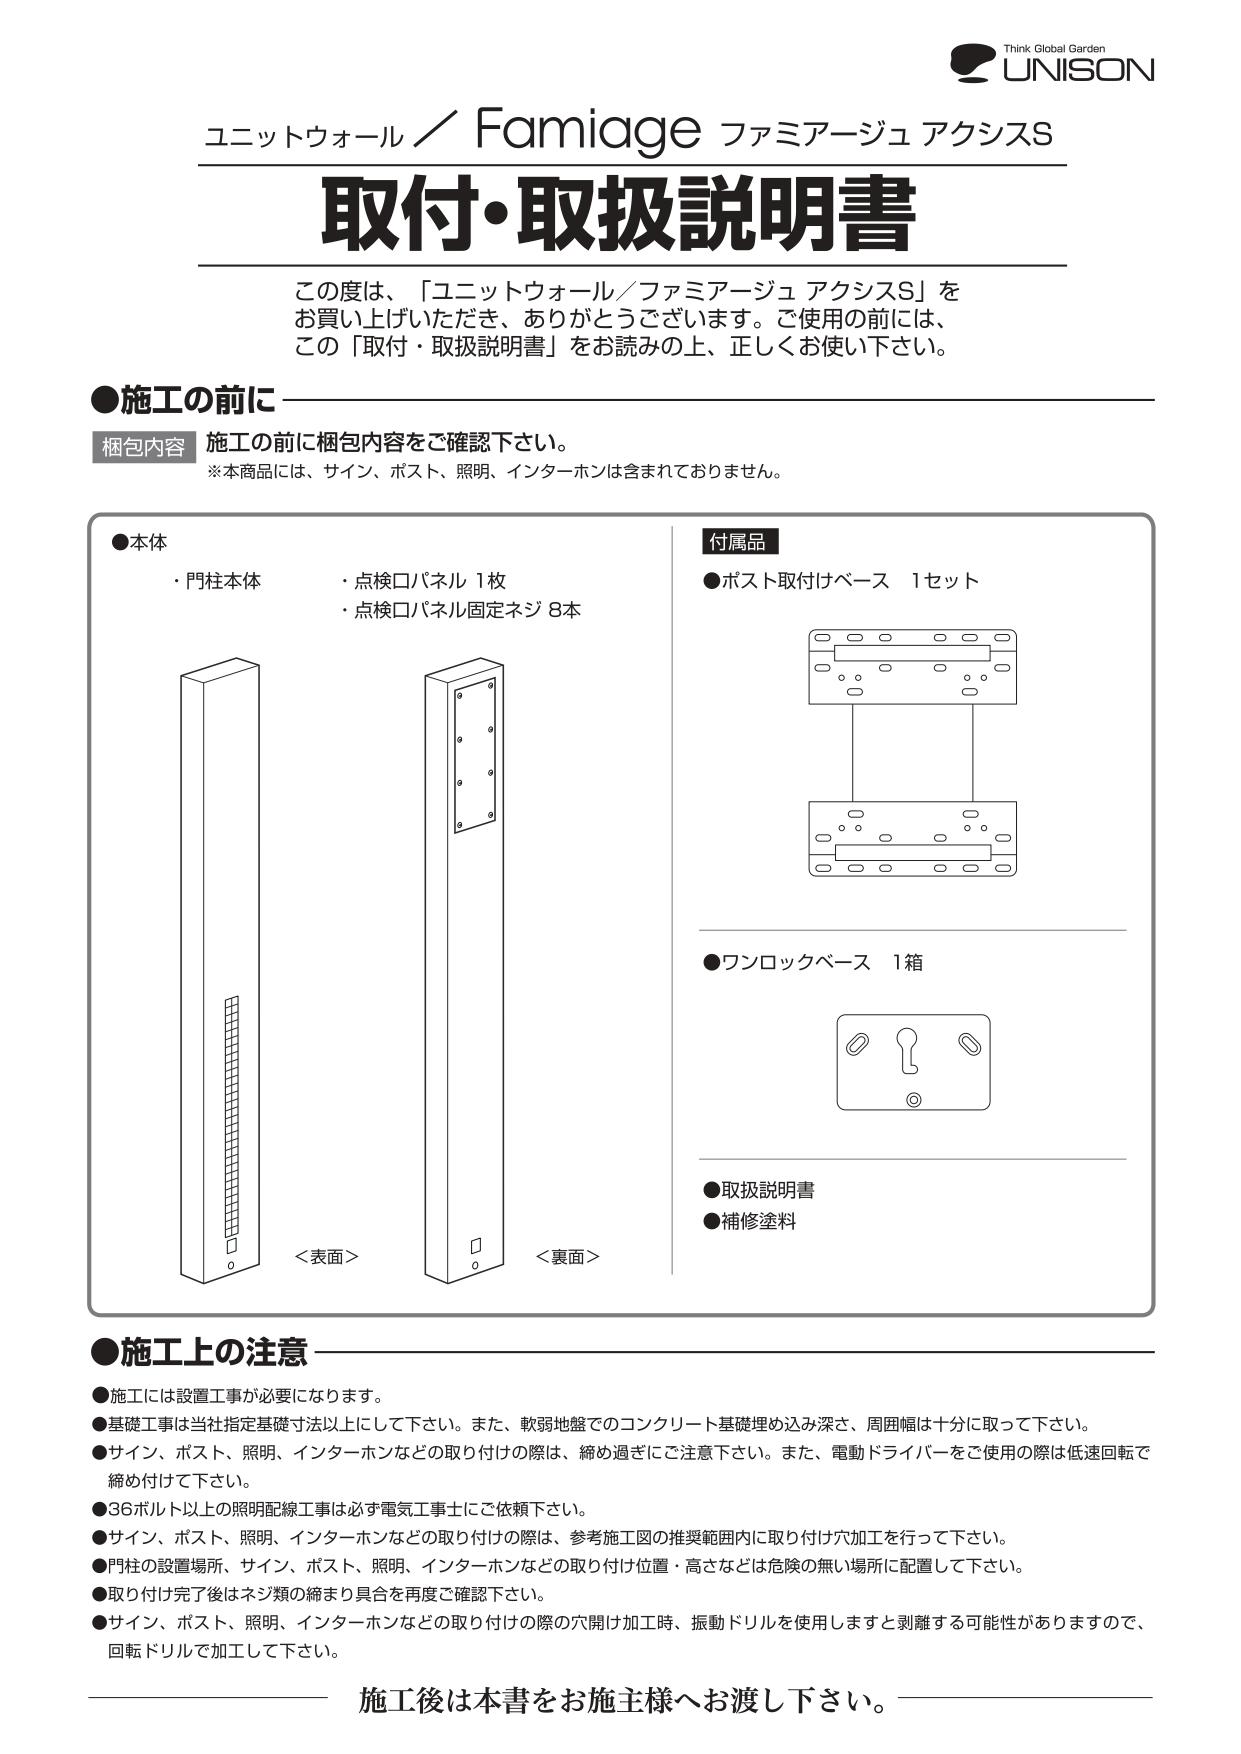 ファミアージュアクシスS_取扱説明書_page-0001